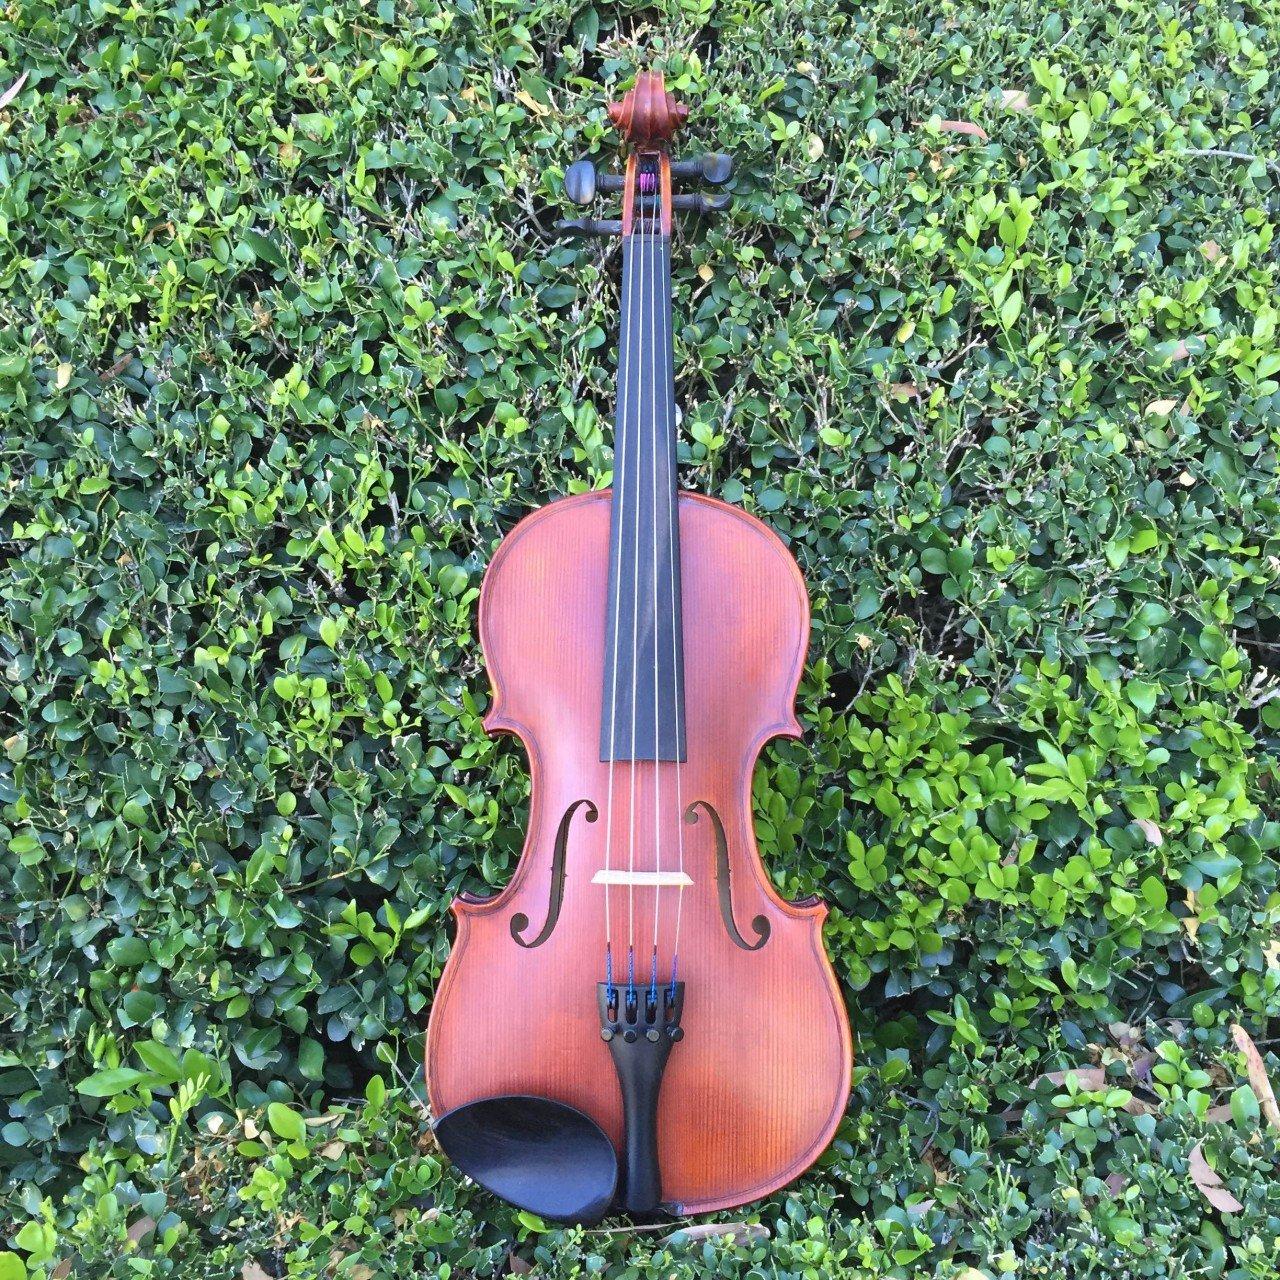 Gliga 1 Violin